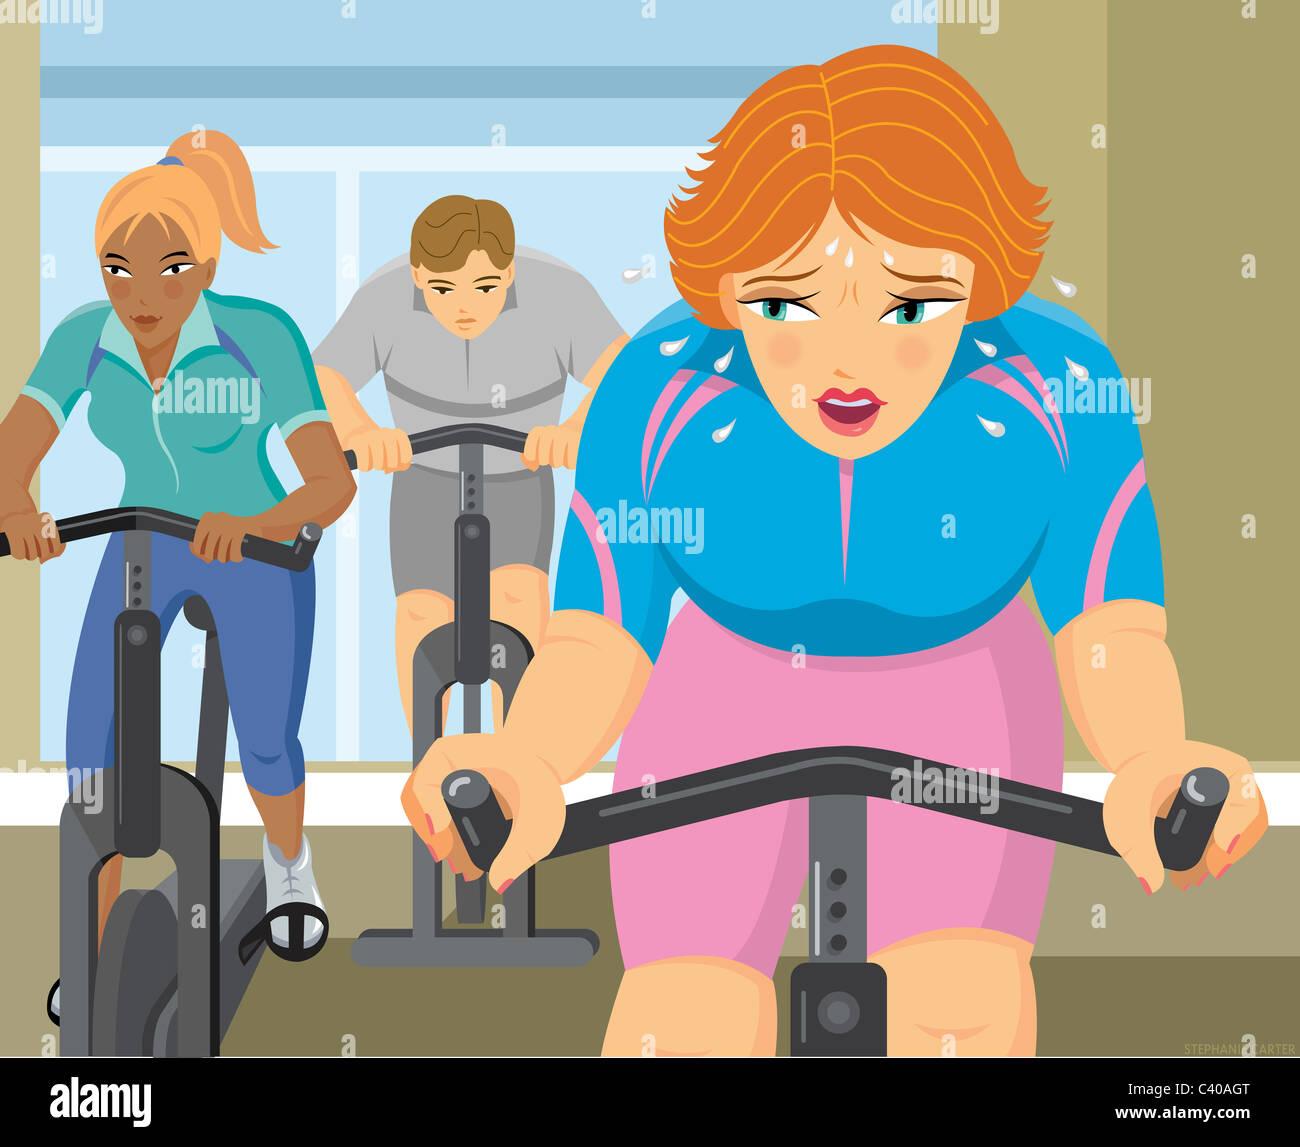 Illustrazione di una donna in una classe di ciclismo Immagini Stock